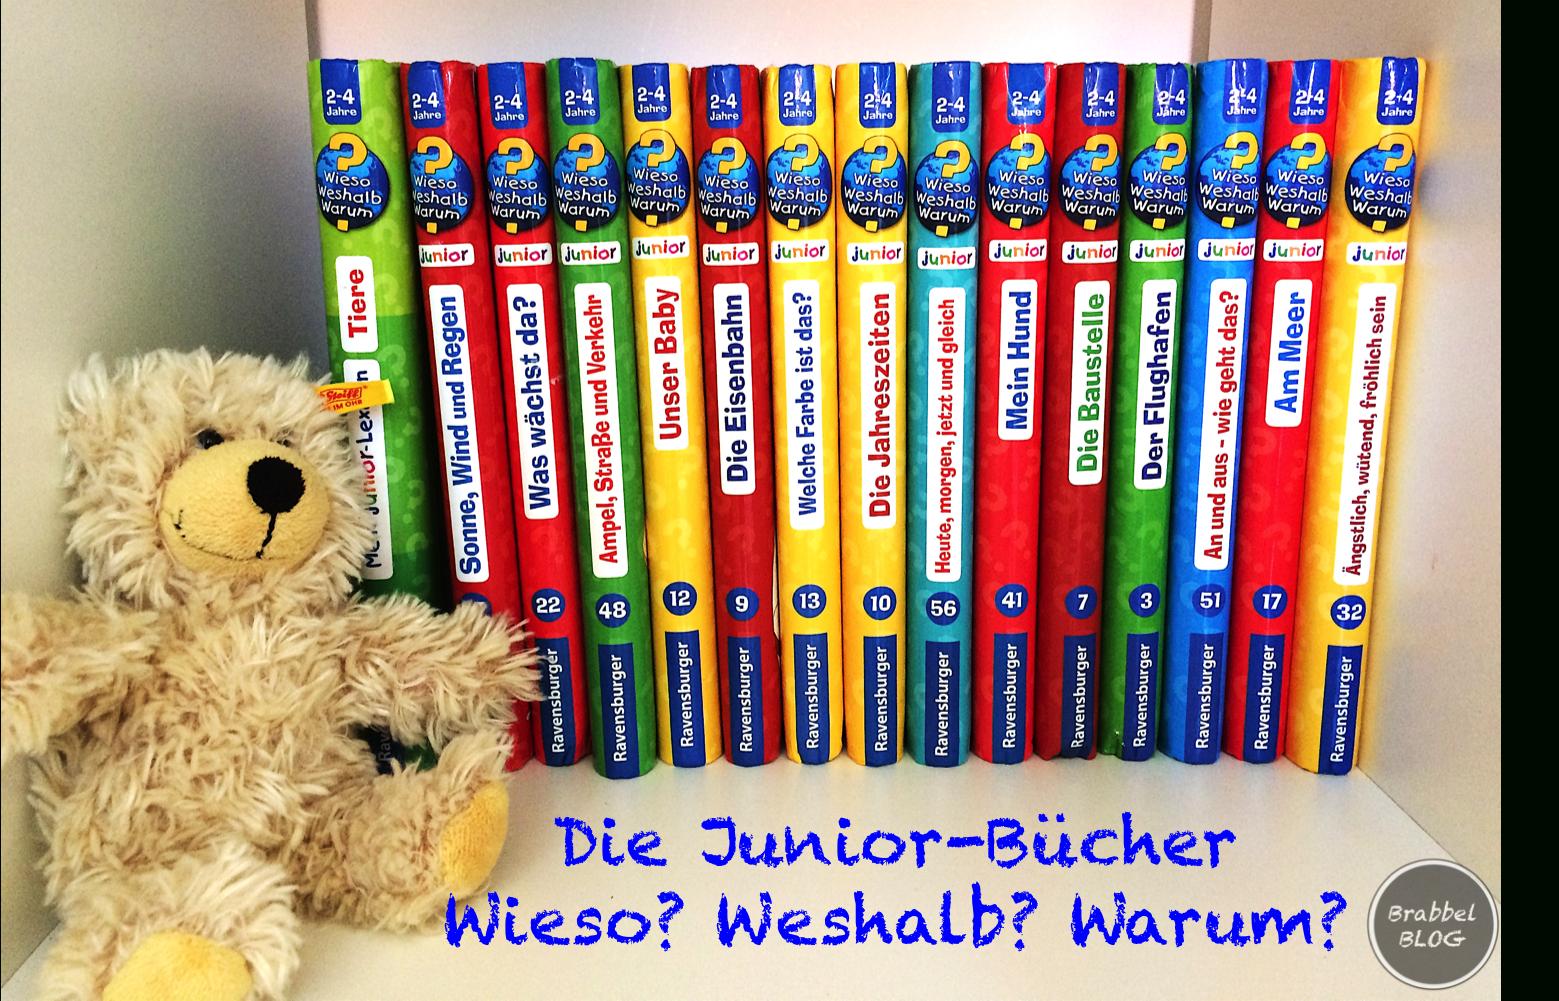 Kleine Leute Liebendie Junior-Bücher Wieso? Weshalb? Warum? bei Wieso Weshalb Warum Ab 2 Jahren